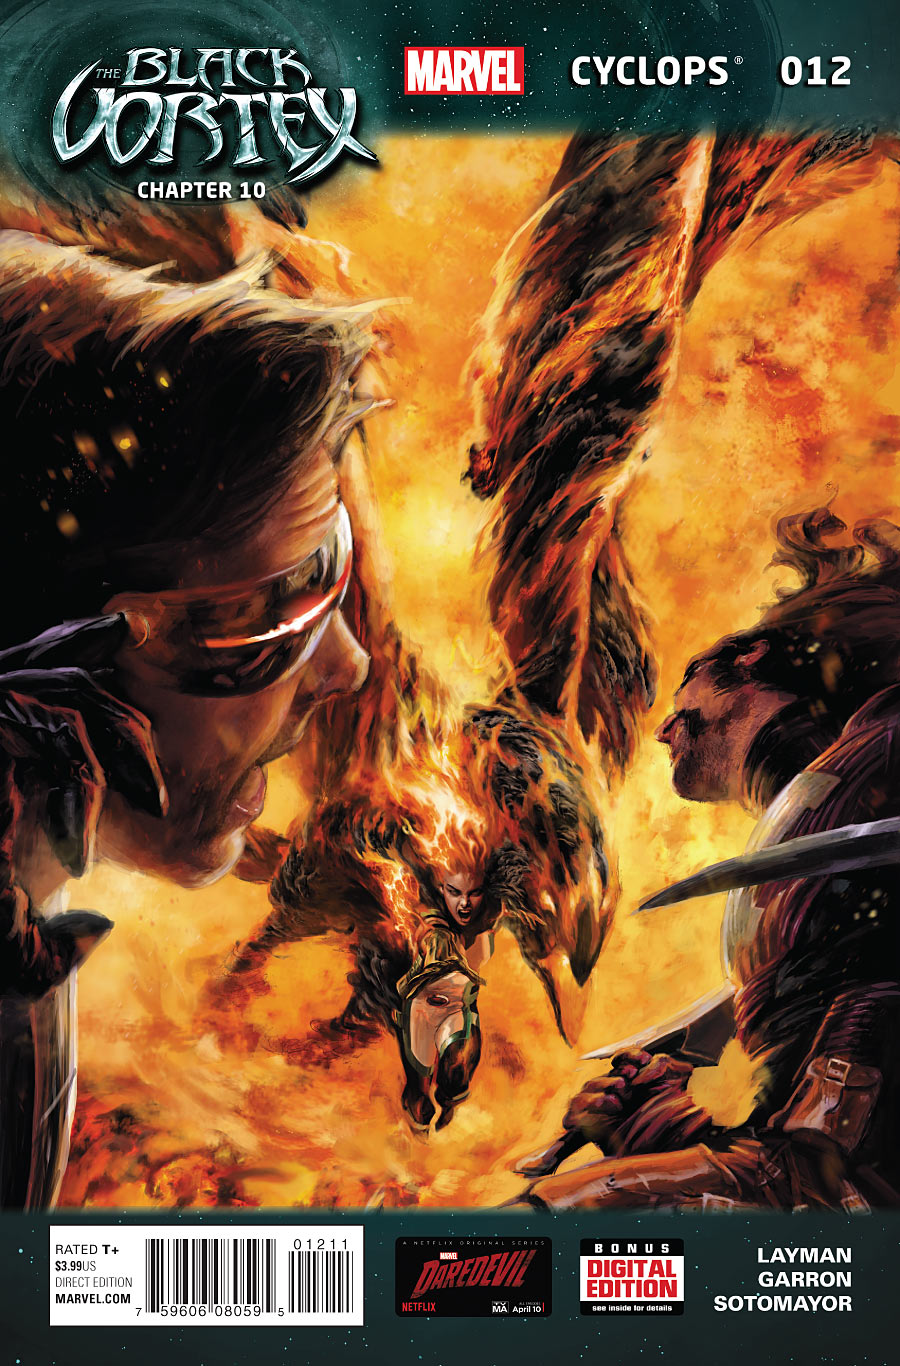 Cyclops #12